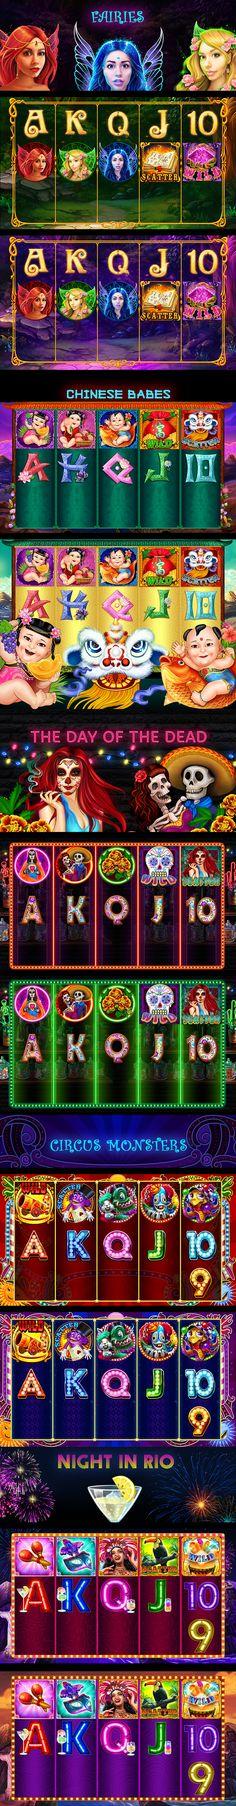 Slot games on Behance